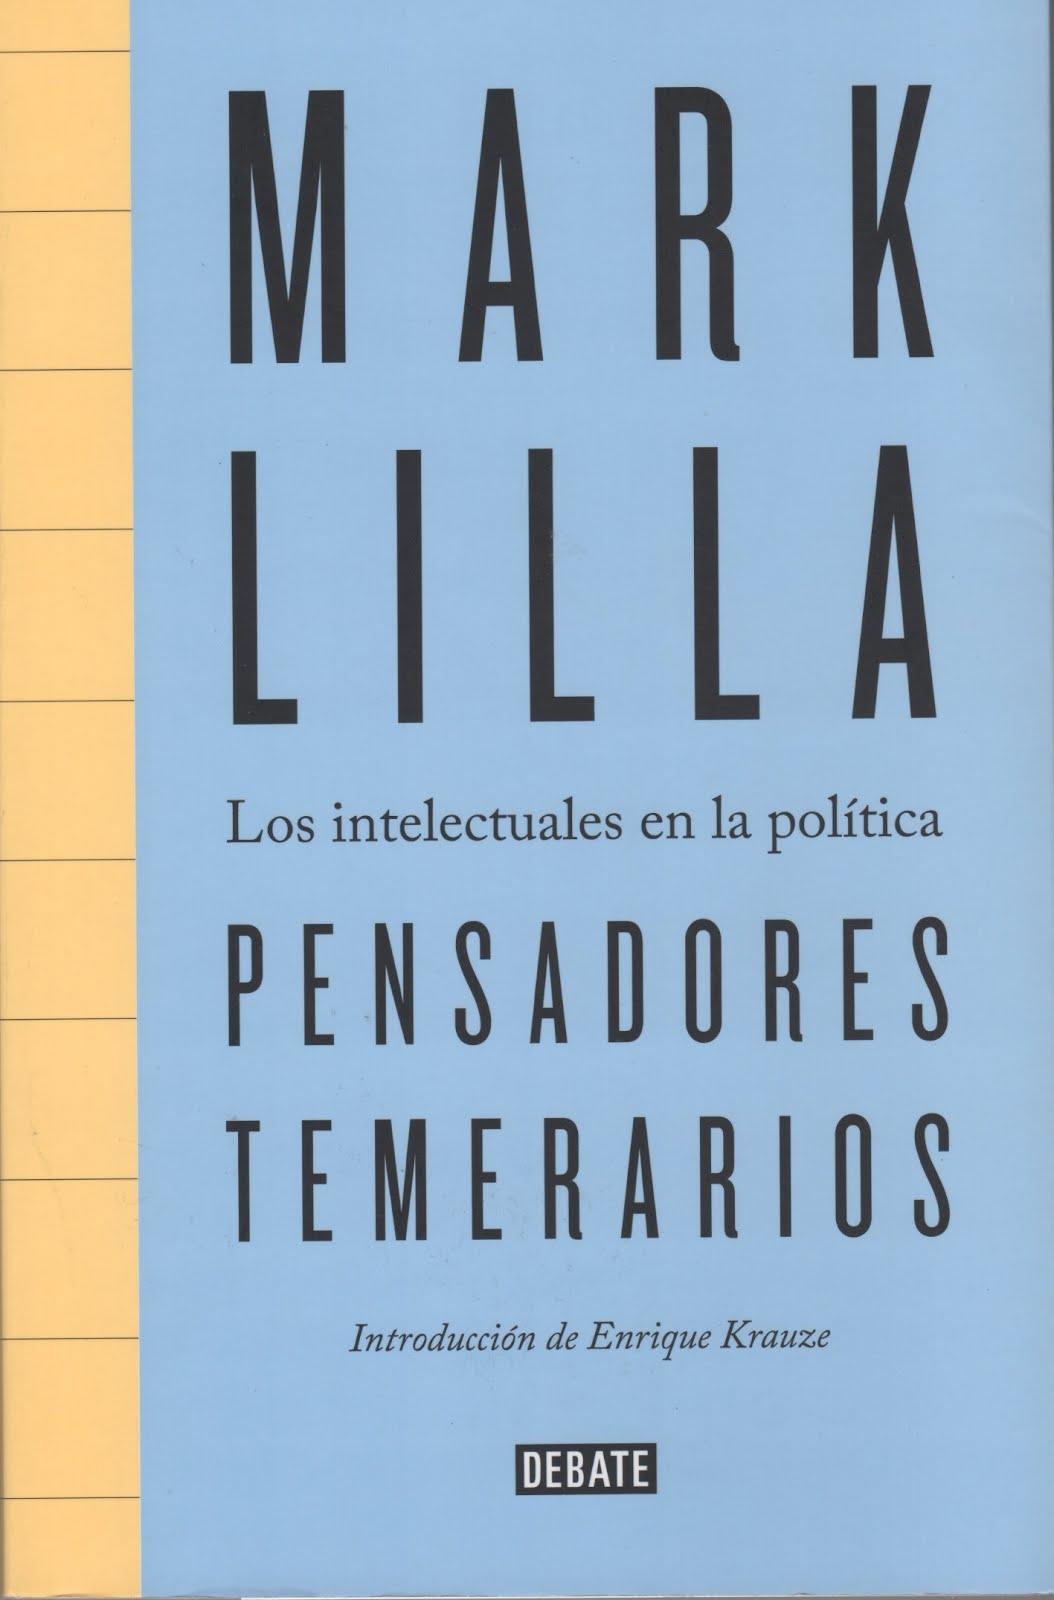 Mark Lilla (Pensadores temerarios) Los intelectuales en la política